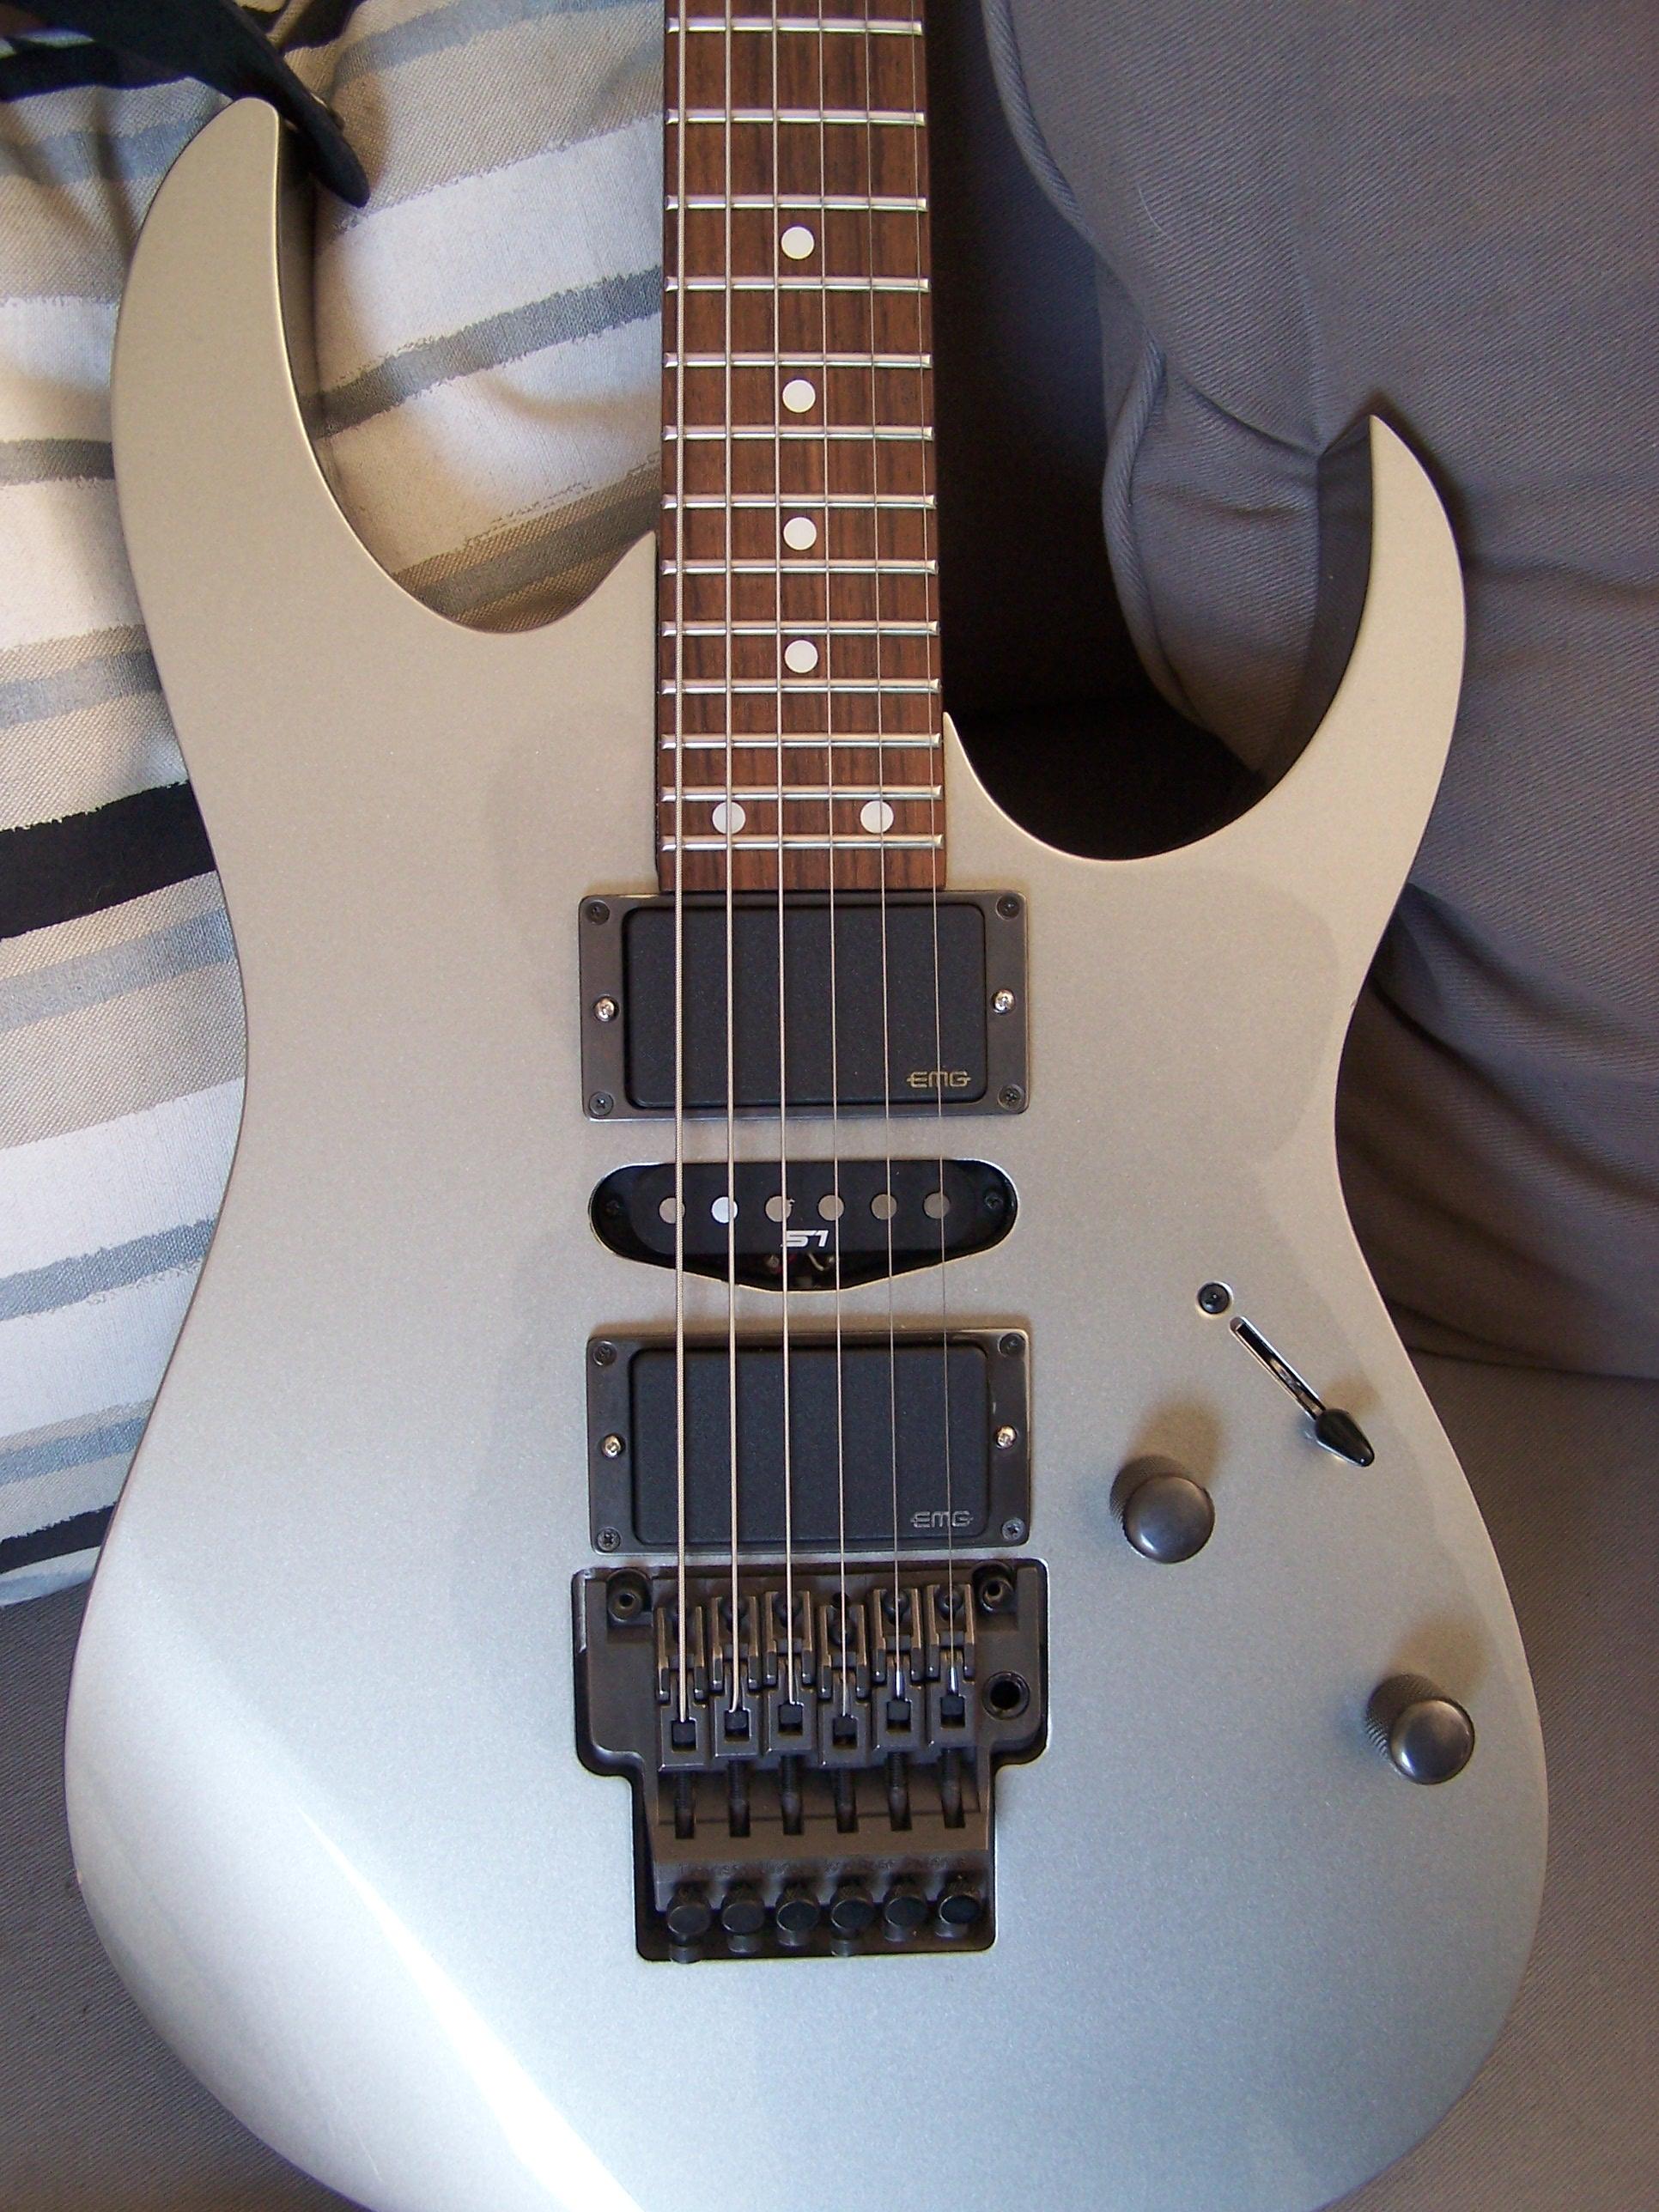 Ibanez Rg570 Guitar Related Keywords Suggestions As153 Wiring Diagram Image 444754 Audiofanzine